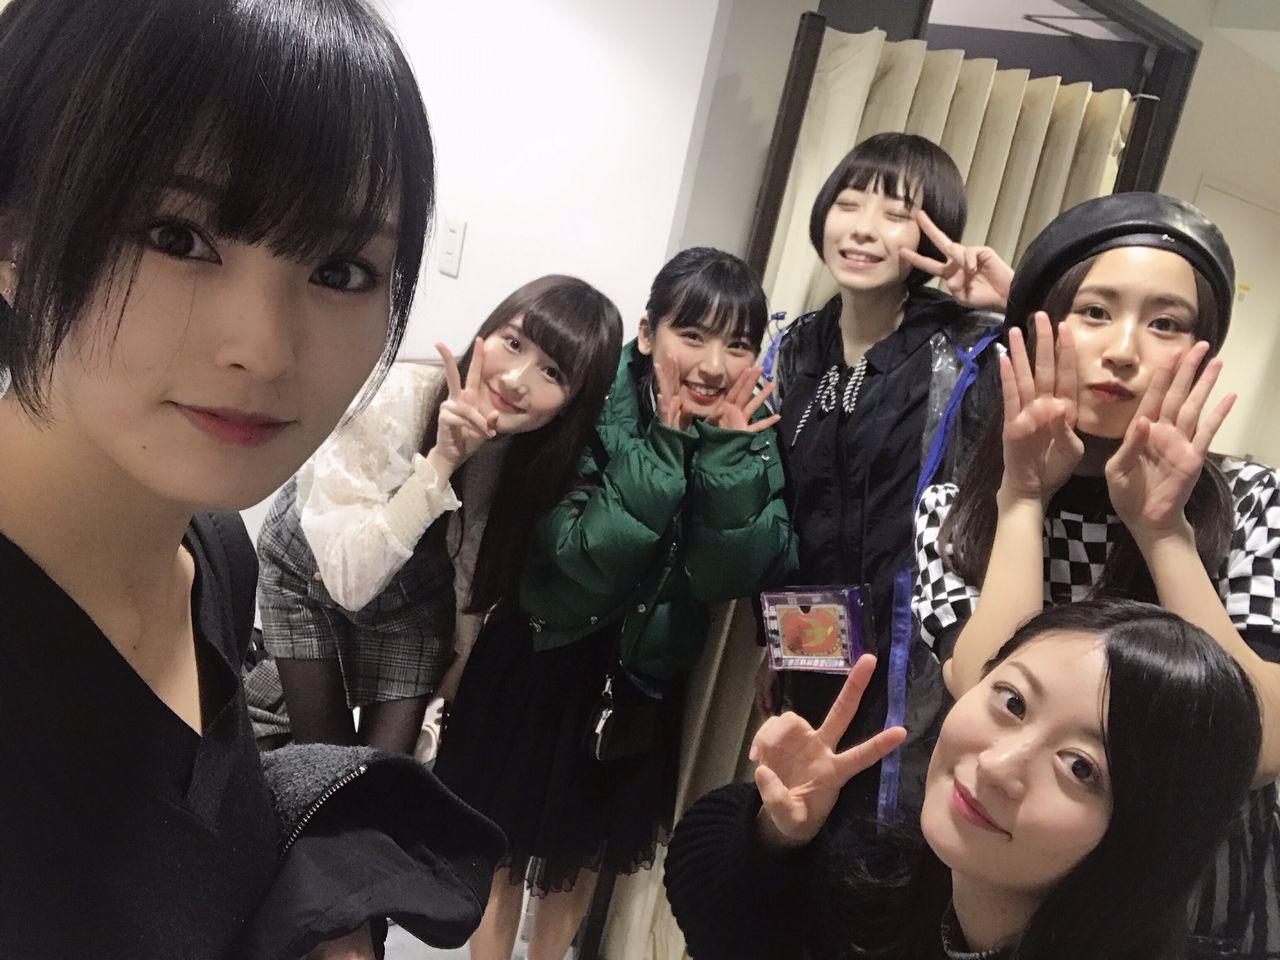 【NMB48】劇団アカズノマ『夜曲』千穐楽!モー娘。/山本彩/矢倉楓子/上西恵 らも観戦